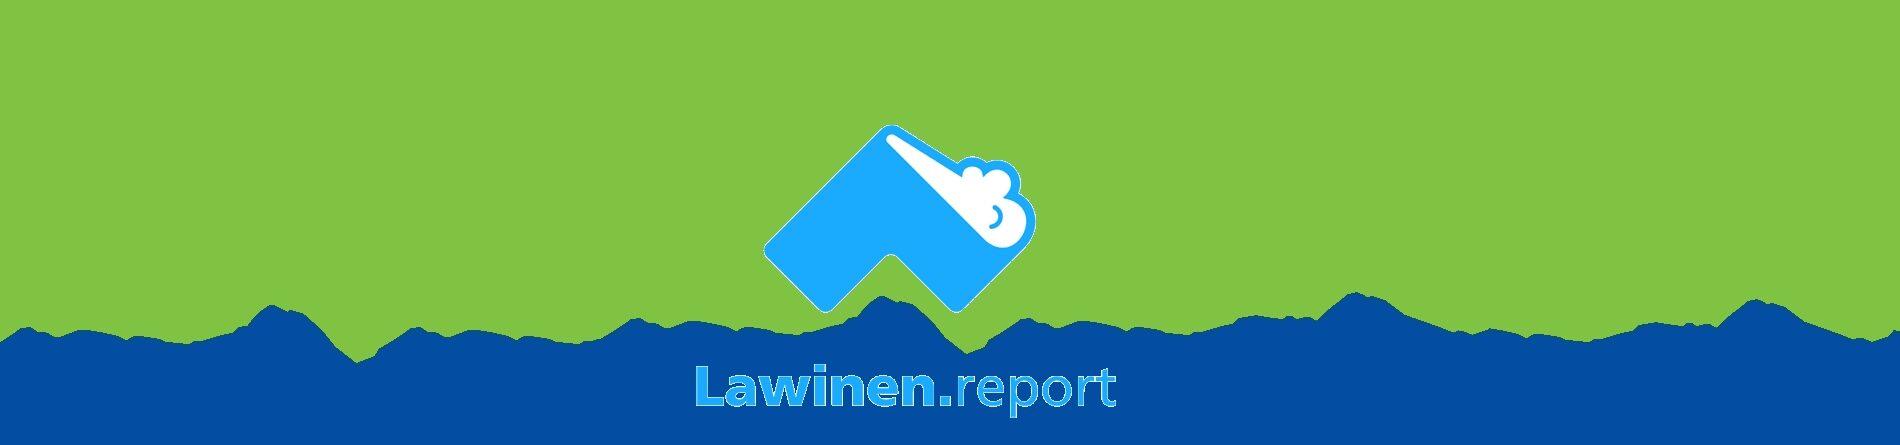 07.12.2020 – Lawinen.report